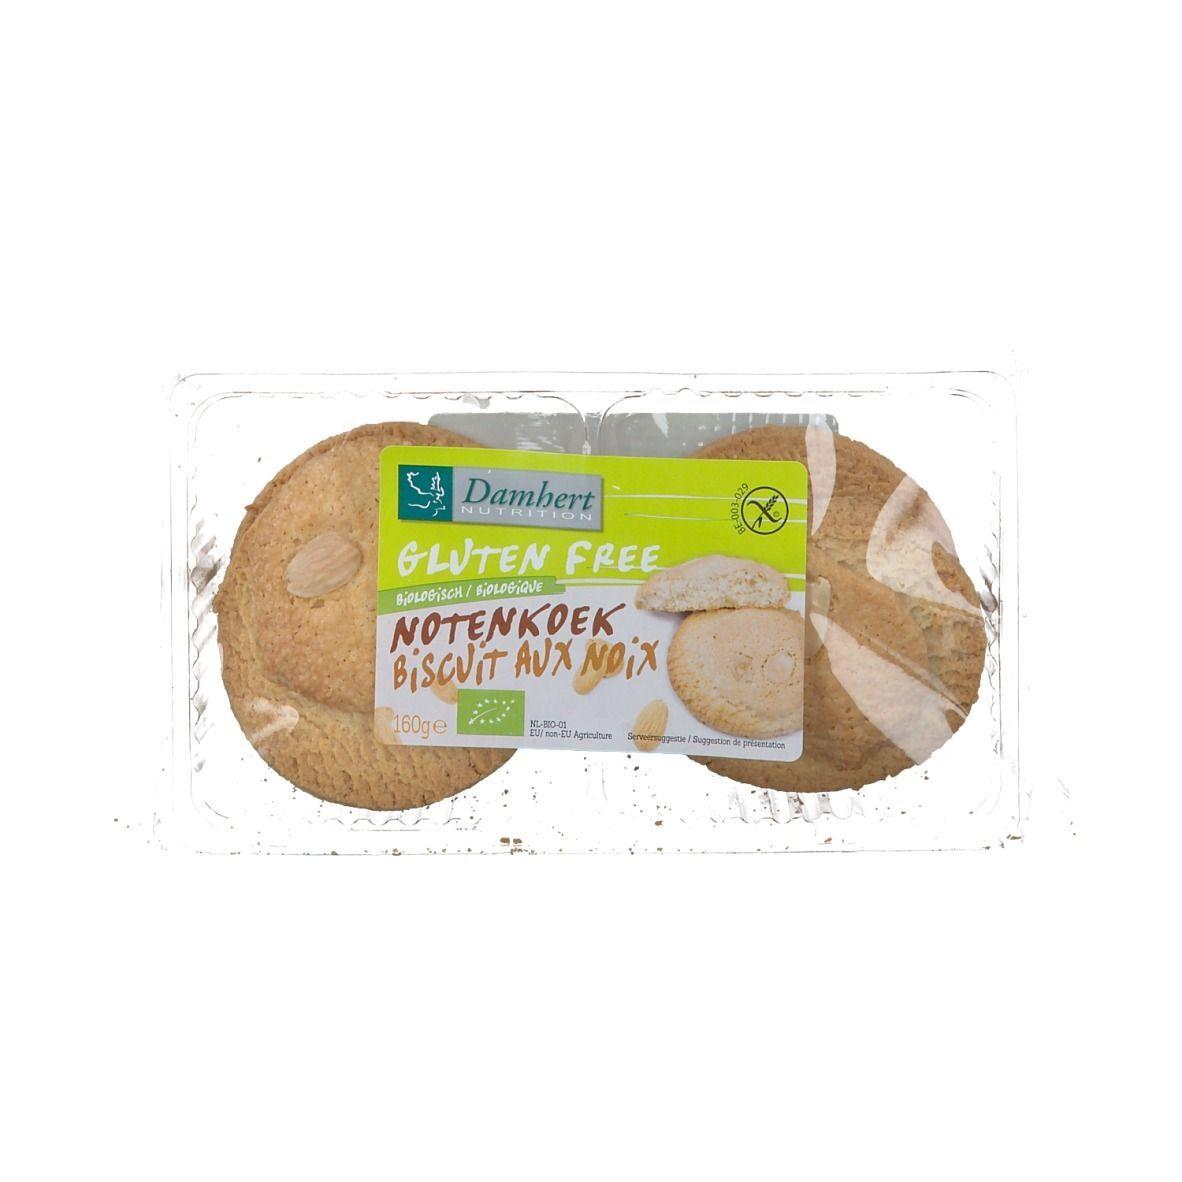 Damhert Biscuits Aux Noix Sans Gluten g Cookies